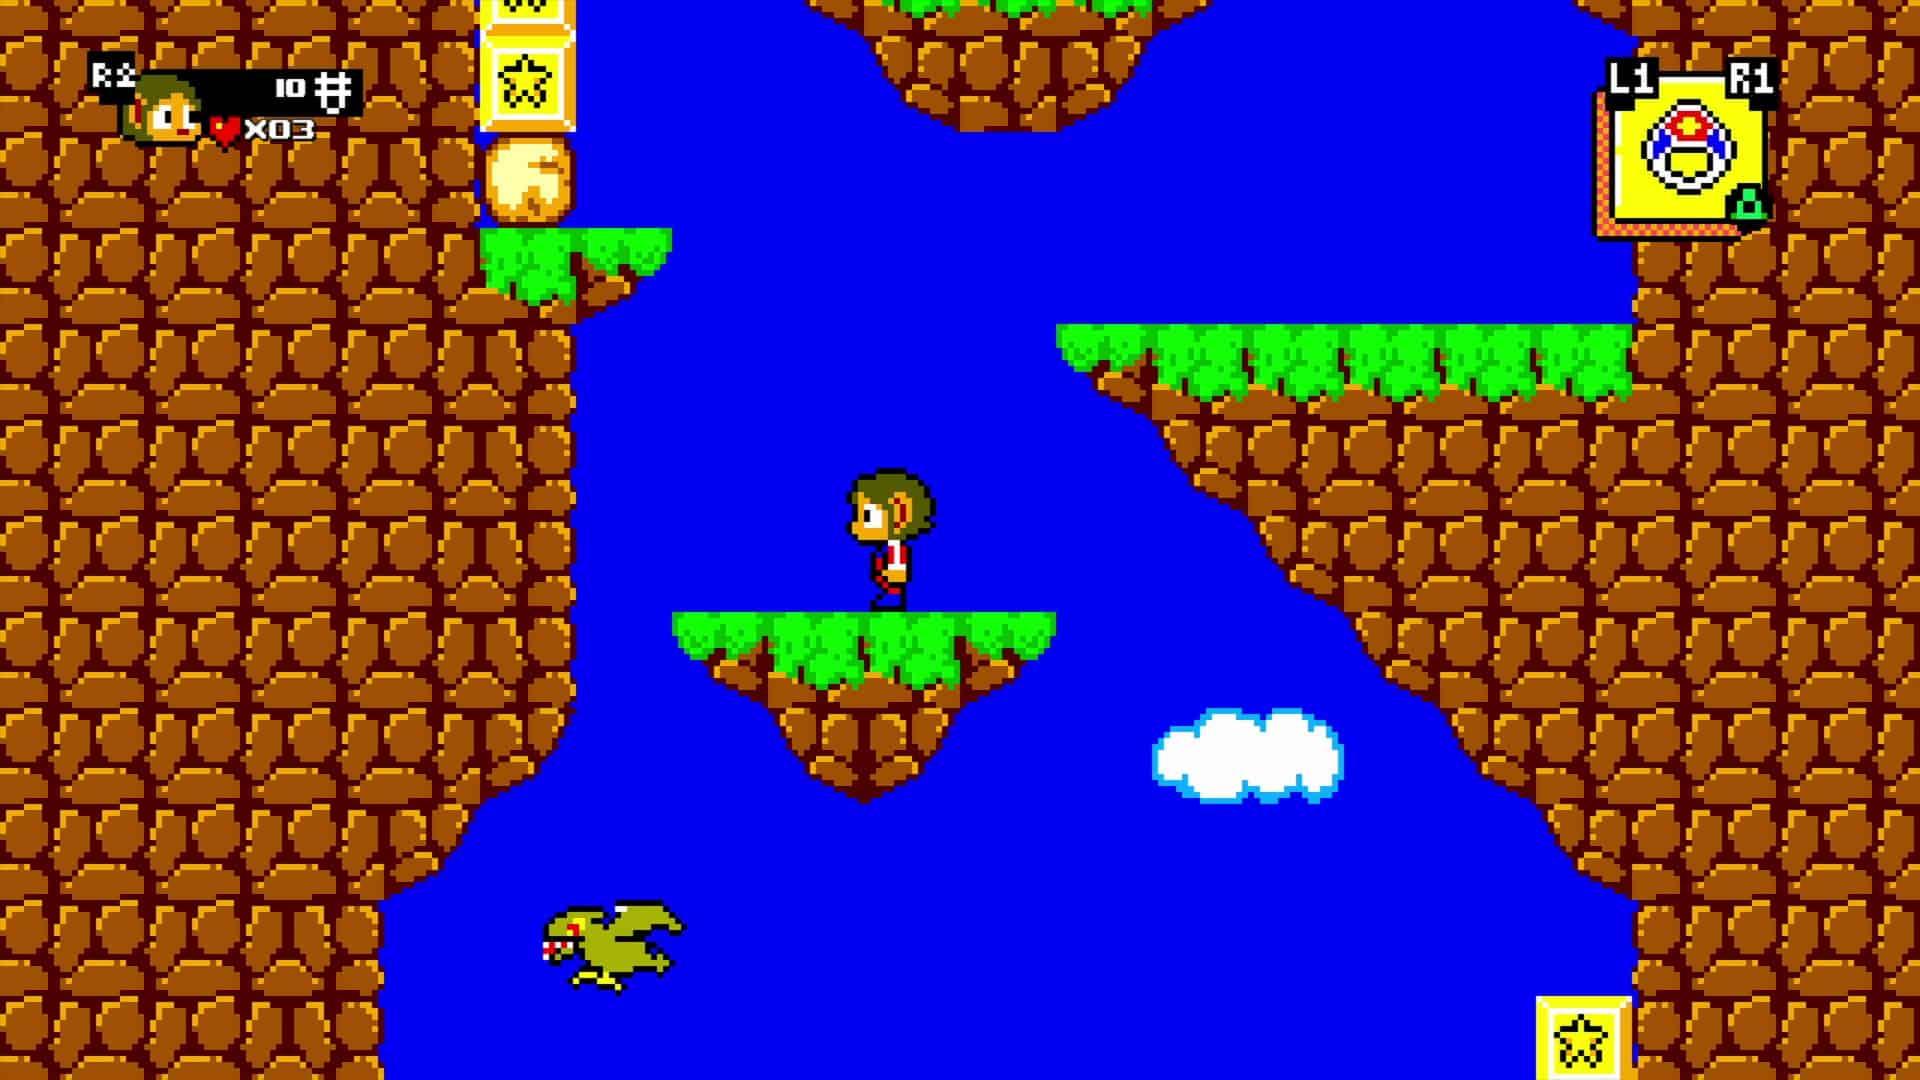 Le 1er stage d'Alex Kidd version 8-bits